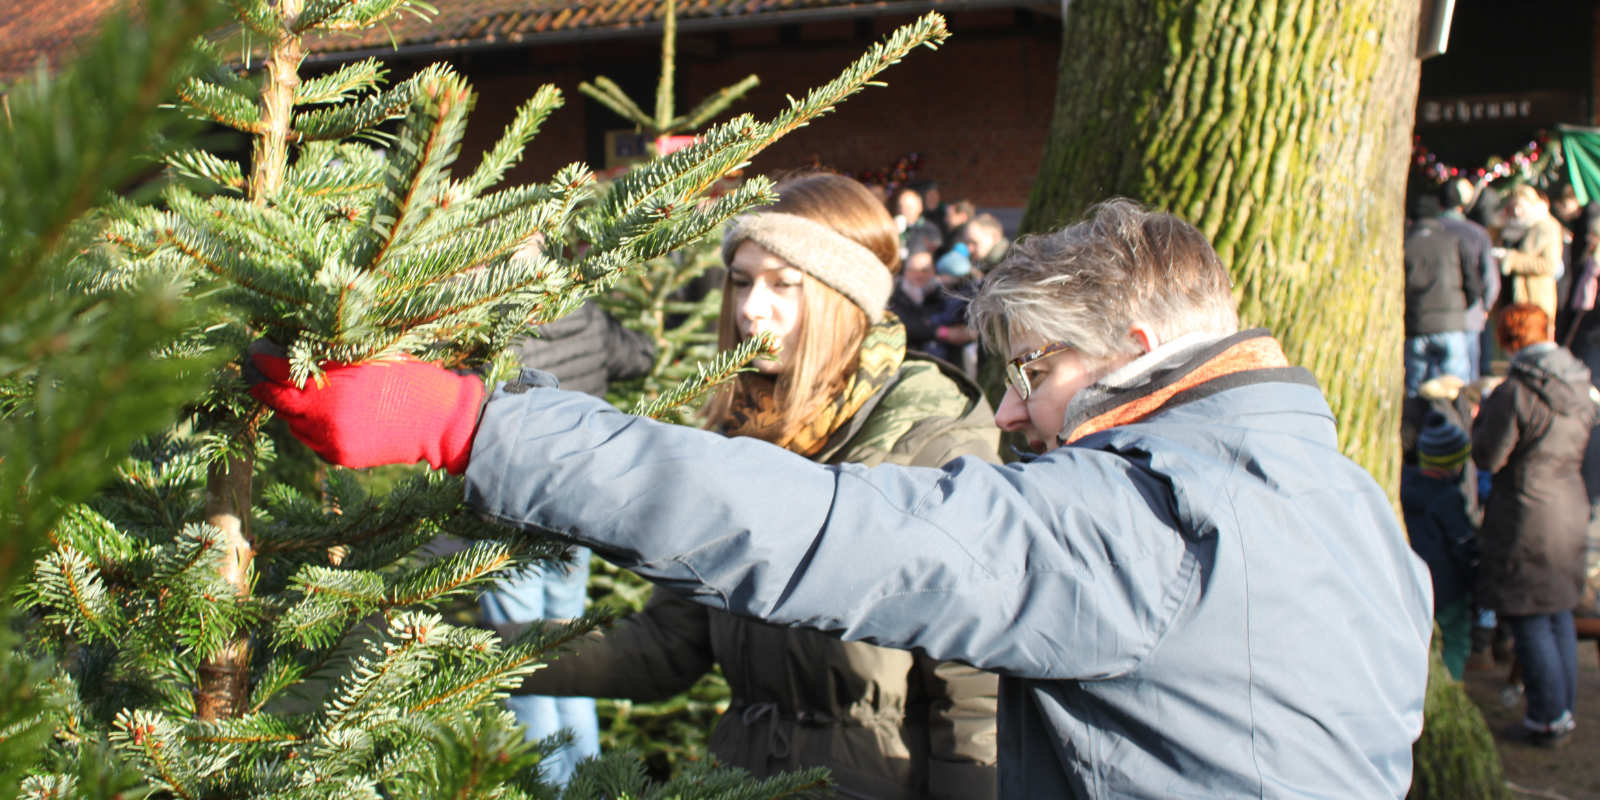 Wo Günstig Weihnachtsbaum Kaufen.Weihnachtsbaum Verkauf Tannenbaum Selber Schlagen In Schonung